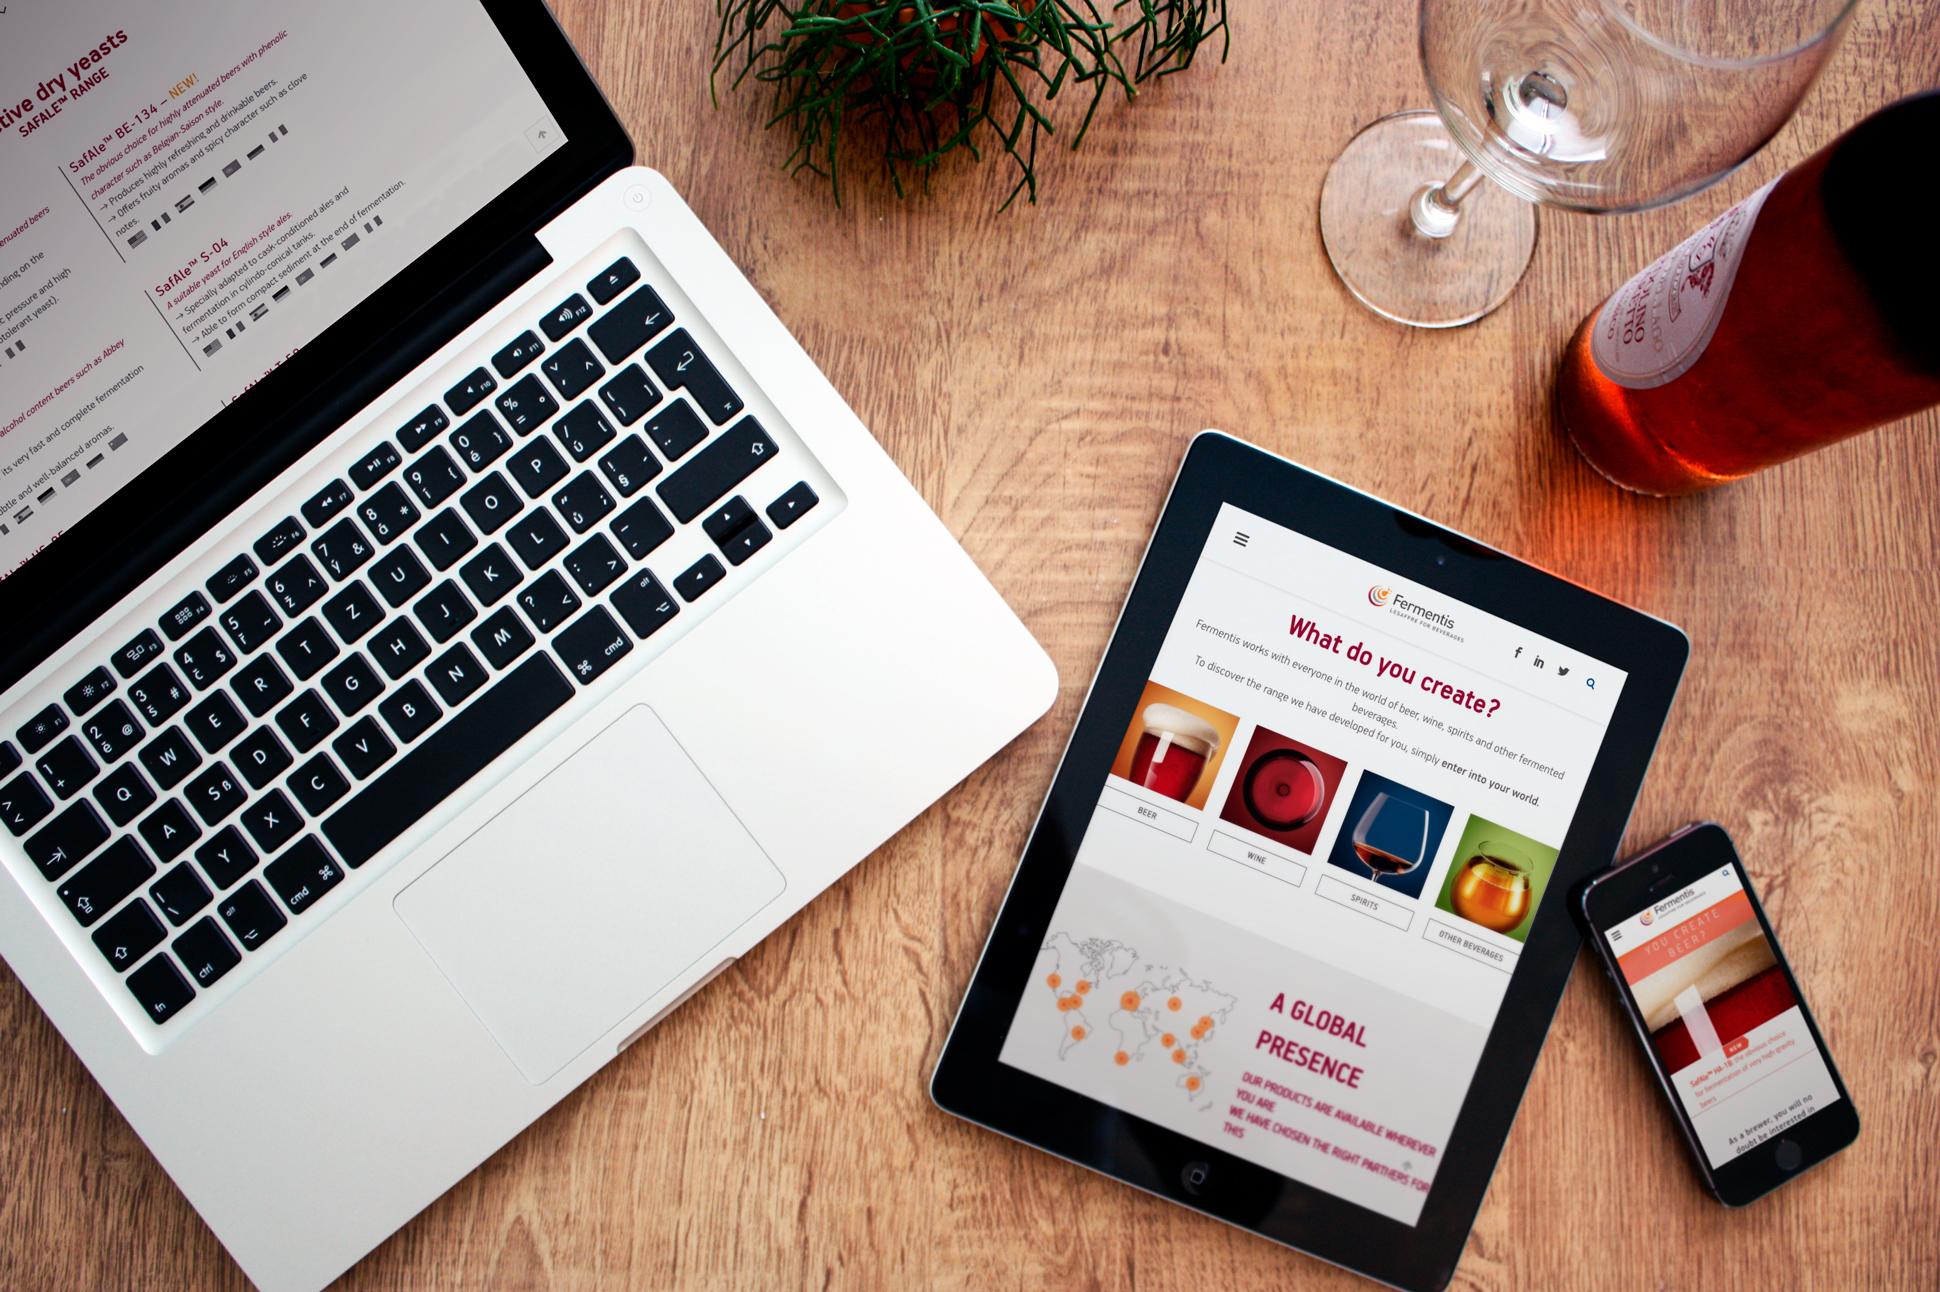 site web fermentis